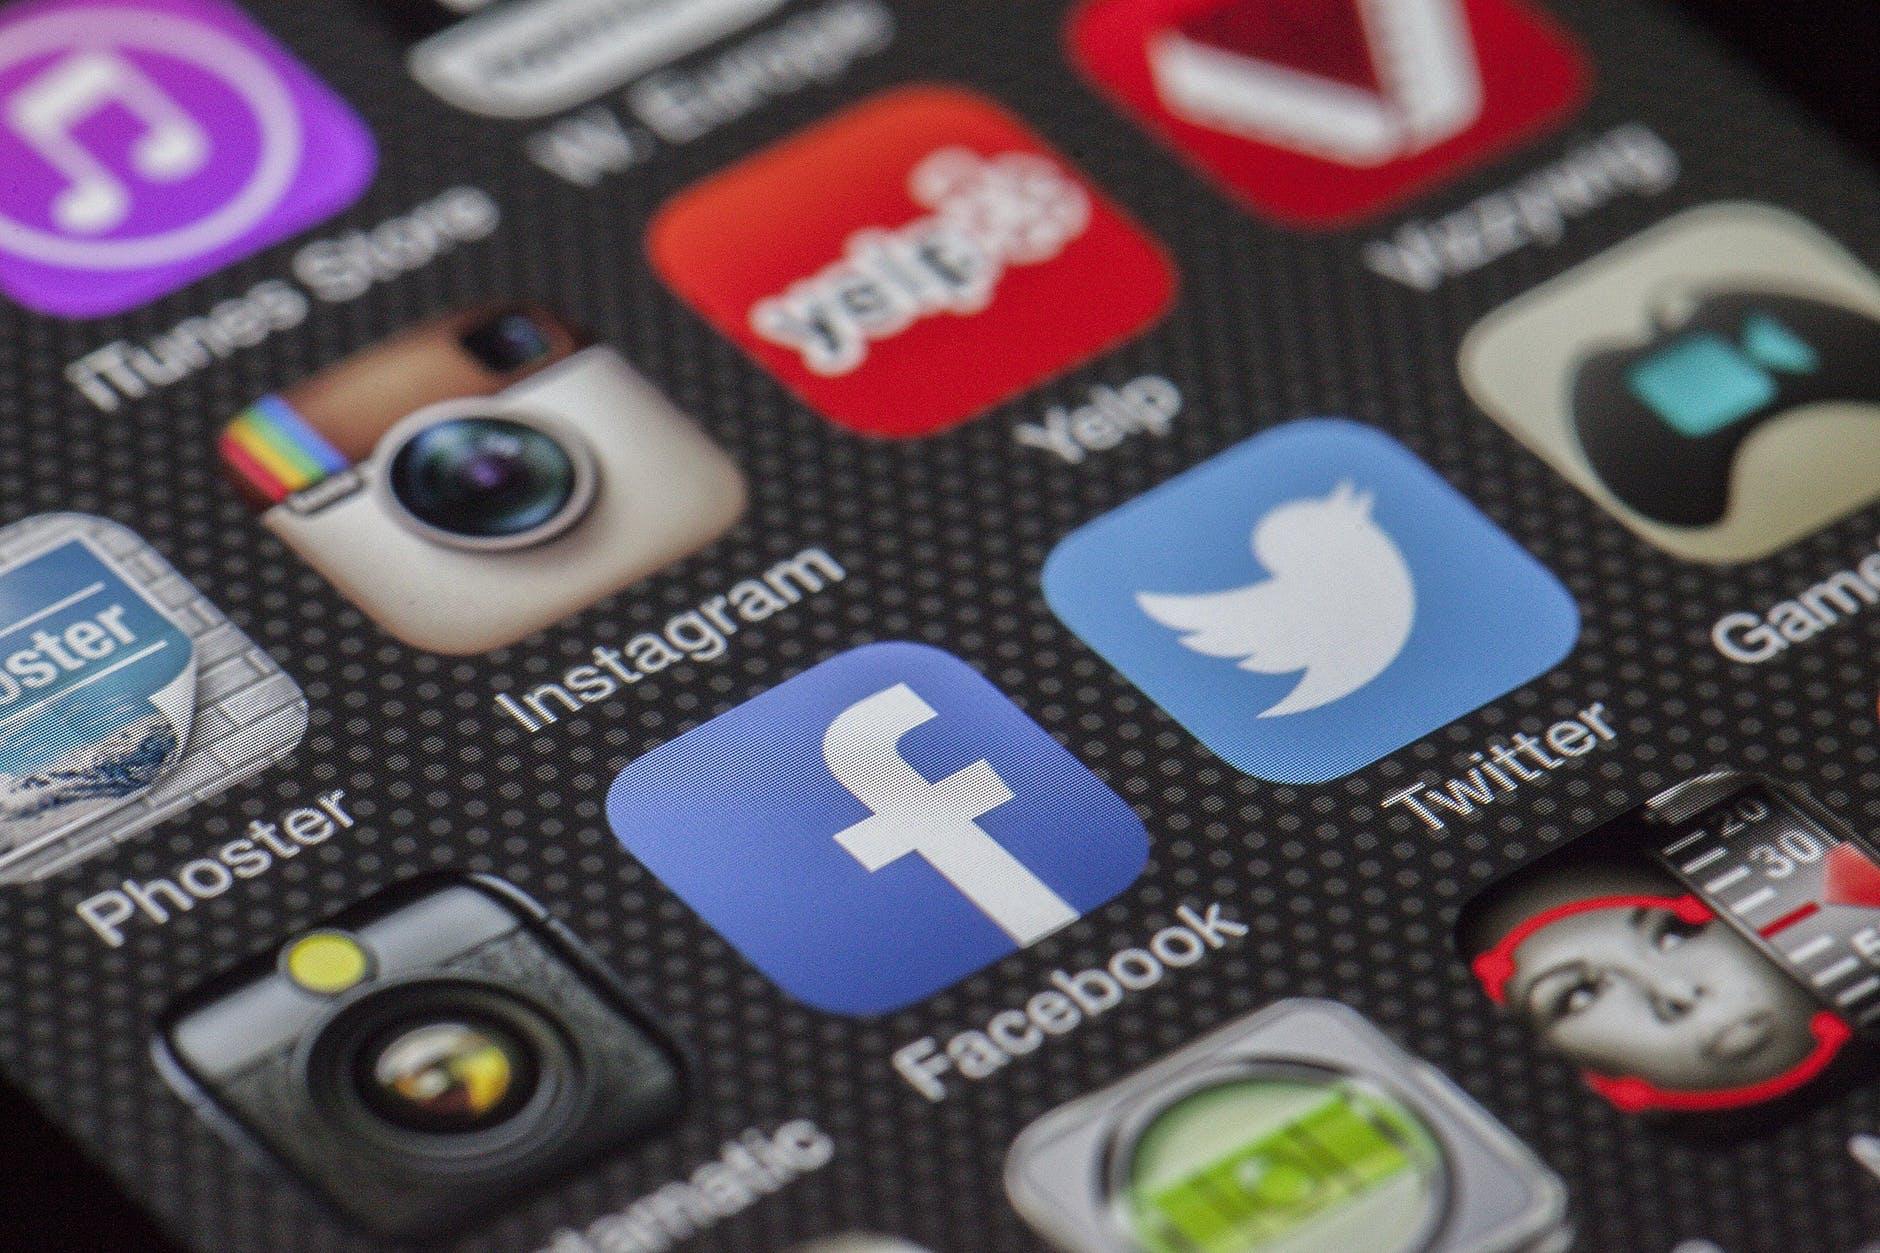 Pantalla de celular con apps.